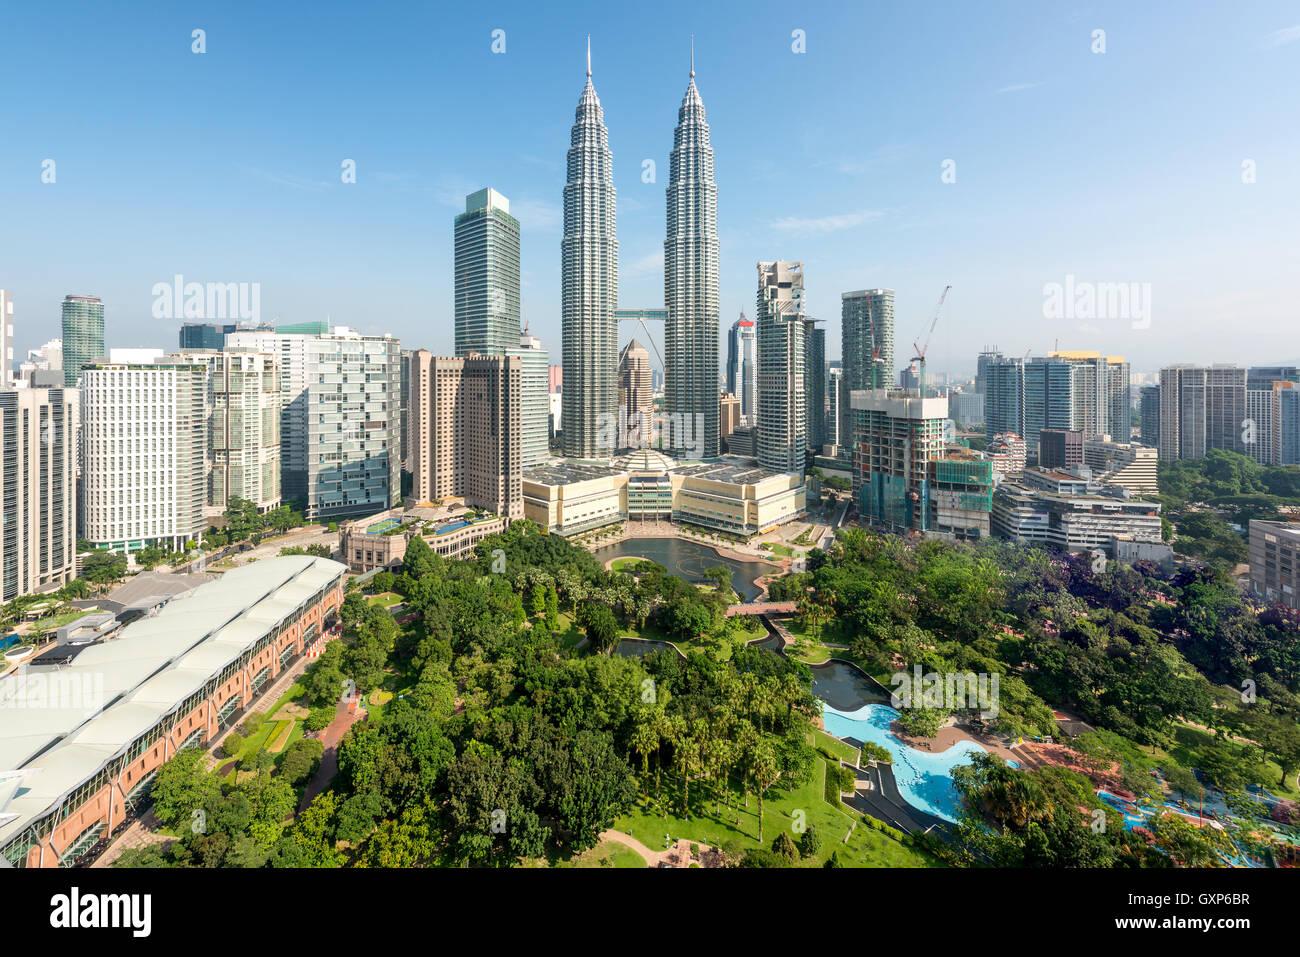 Le centre-ville de Kuala Lumpur et gratte-ciel de Kuala Lumpur, Malaisie Photo Stock